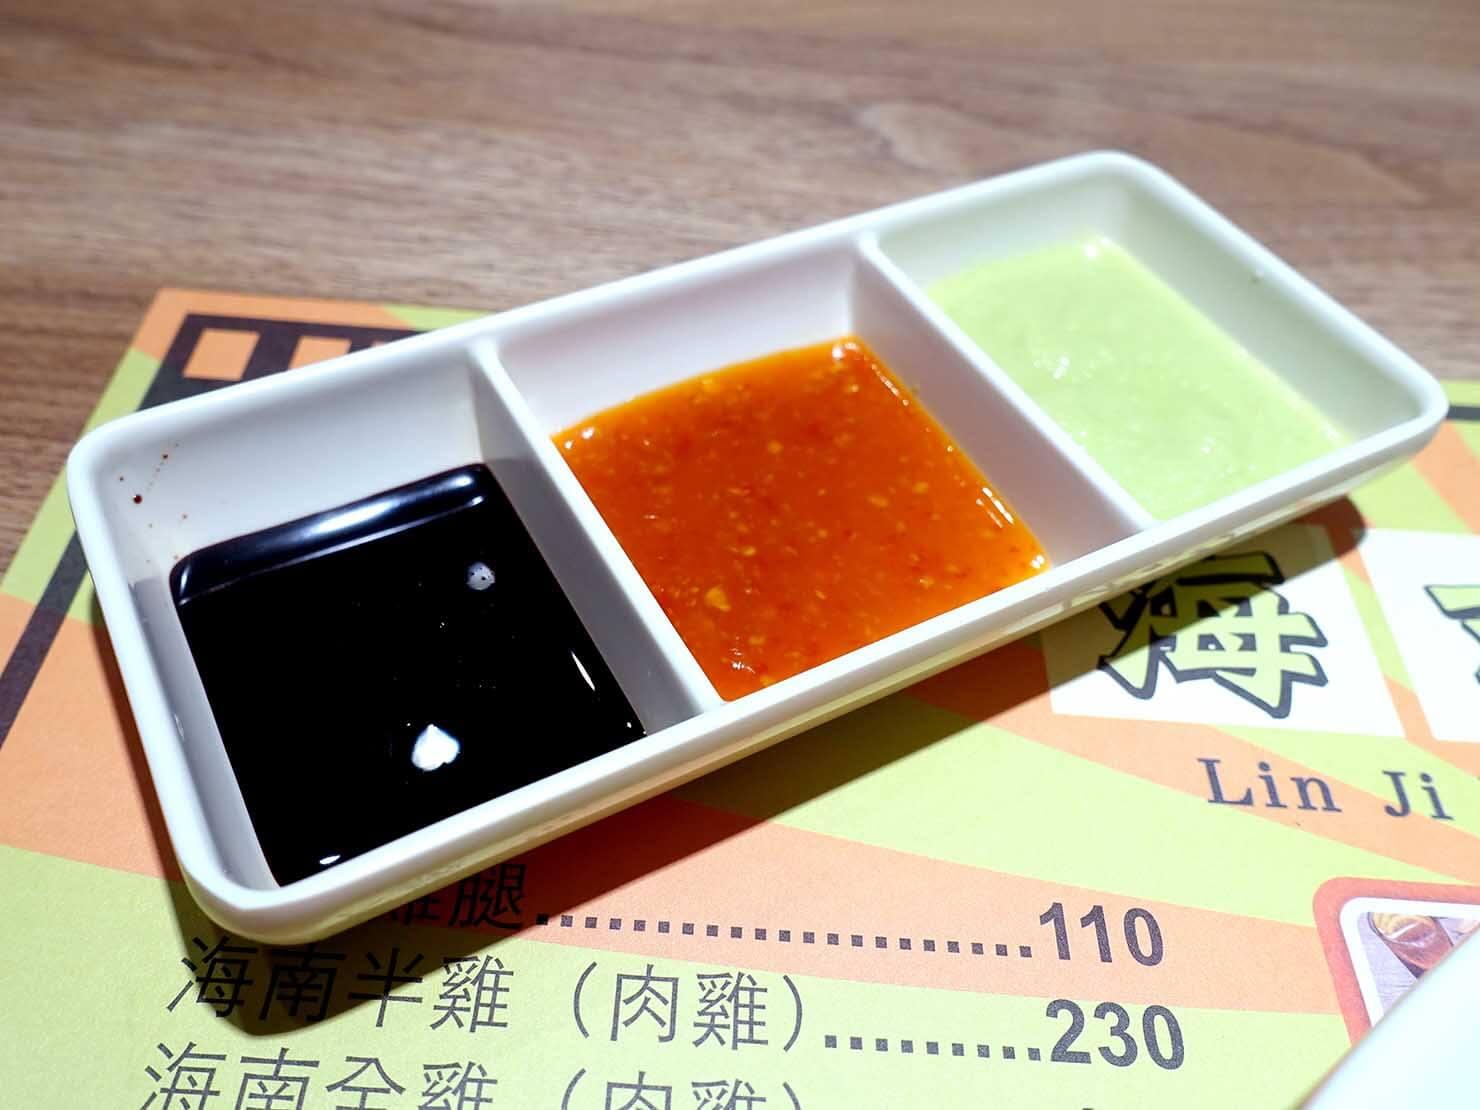 台北・遼寧街夜市のおすすめグルメ店「林記海南雞飯」の海南雞飯ソース